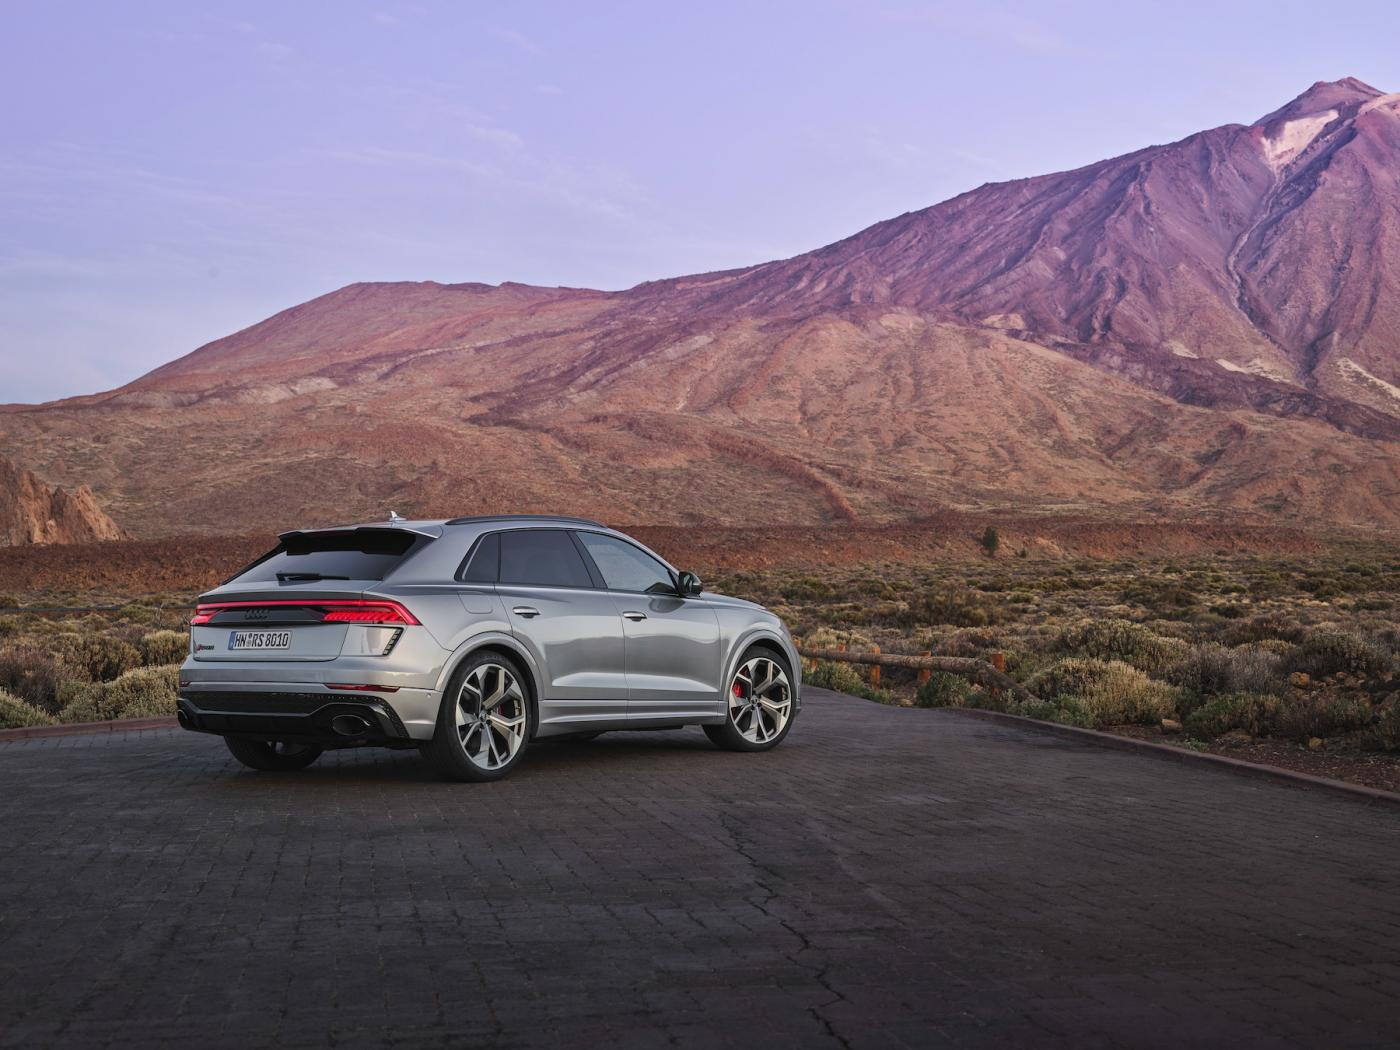 Audi-Q8-Presentation-2.jpeg